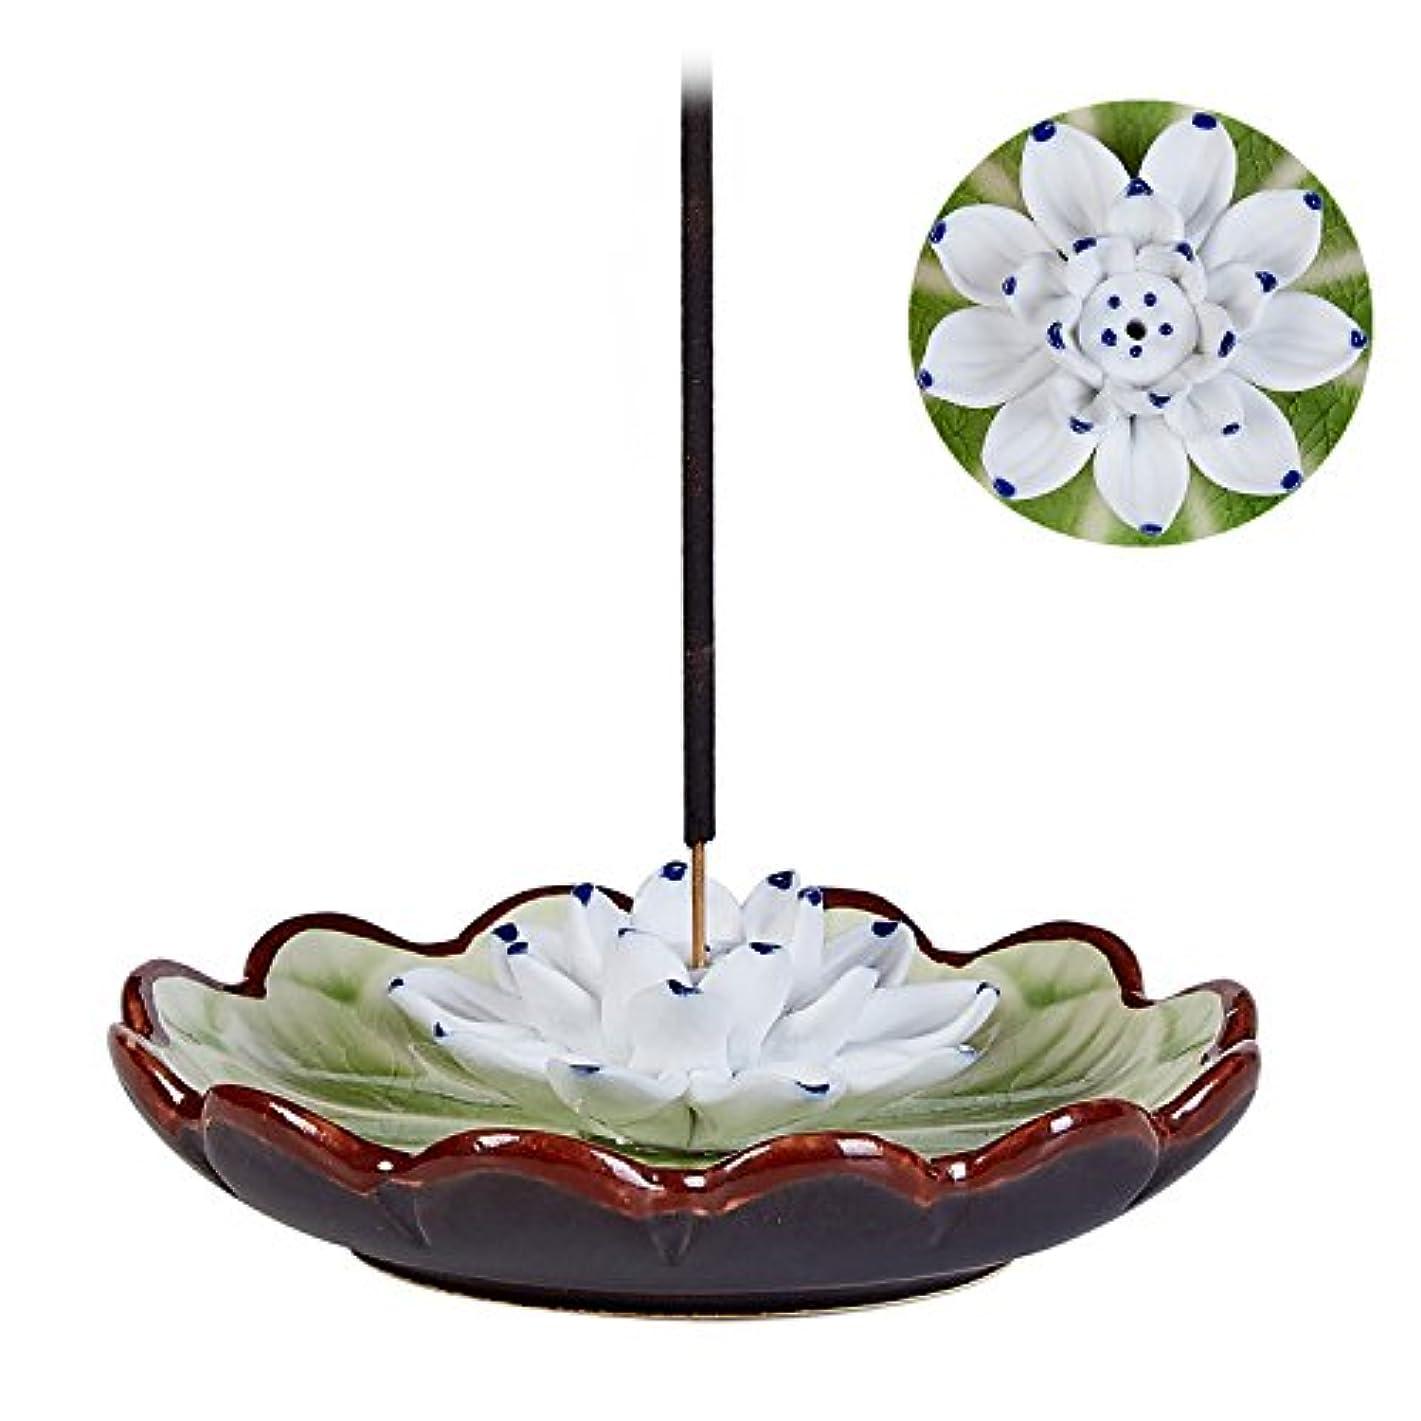 お誕生日コンピューター繁栄Uoonお香スティックバーナーホルダー – ハンドメイドセラミックLotus Flower Incense Burner Bowl Ashキャッチャートレイプレート グリーン UOON-LotusF018